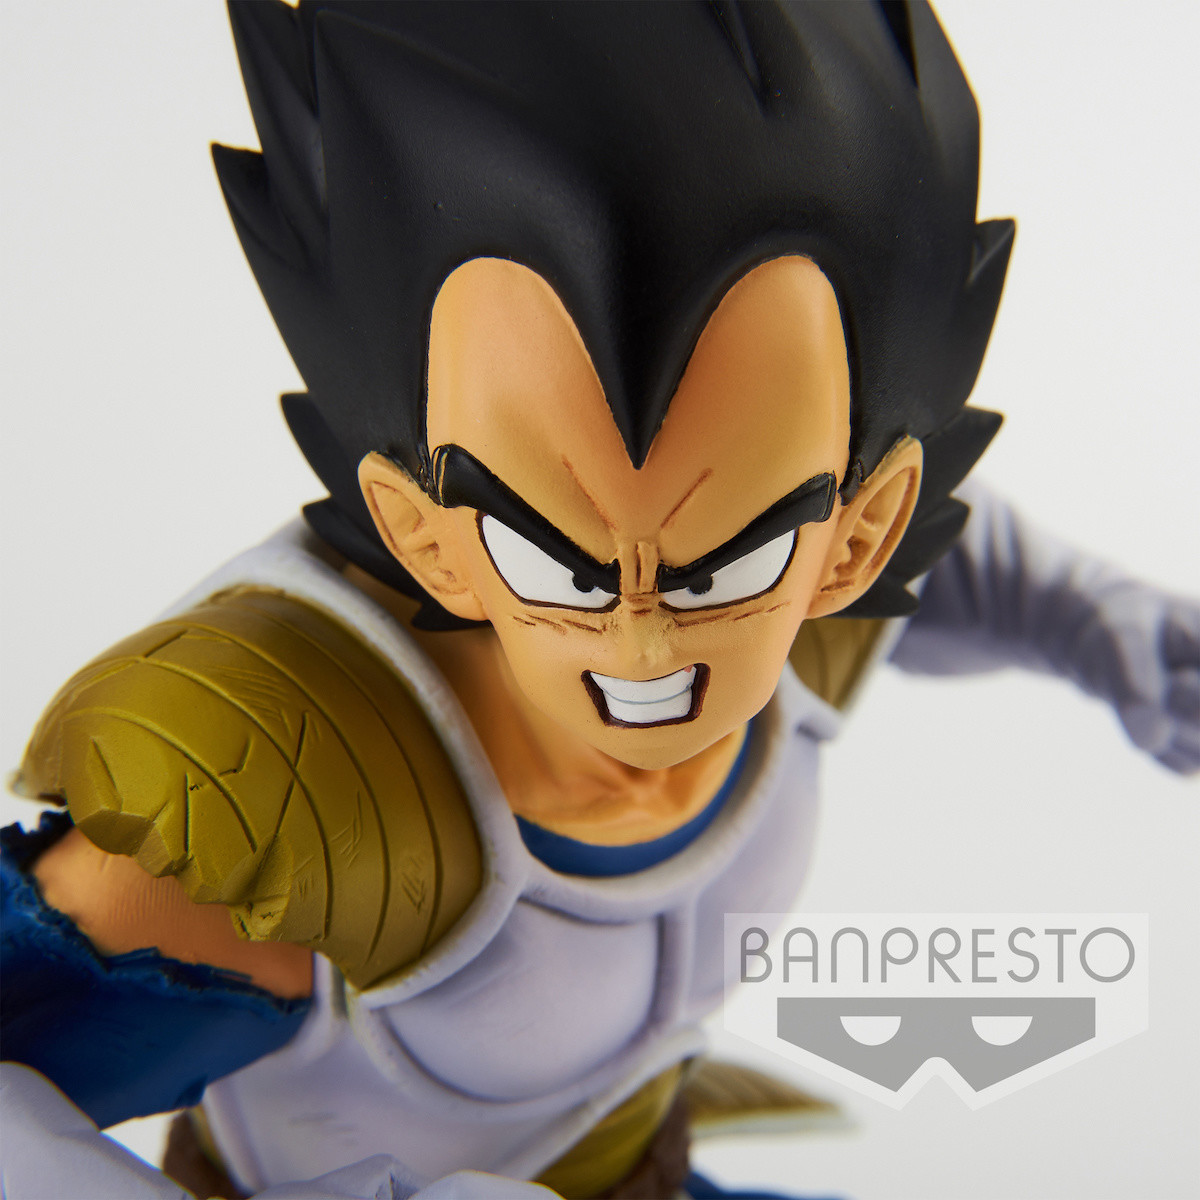 Banpresto Dragon Ball Z World Colosseum 2 Vol 6 Vegeta Figure